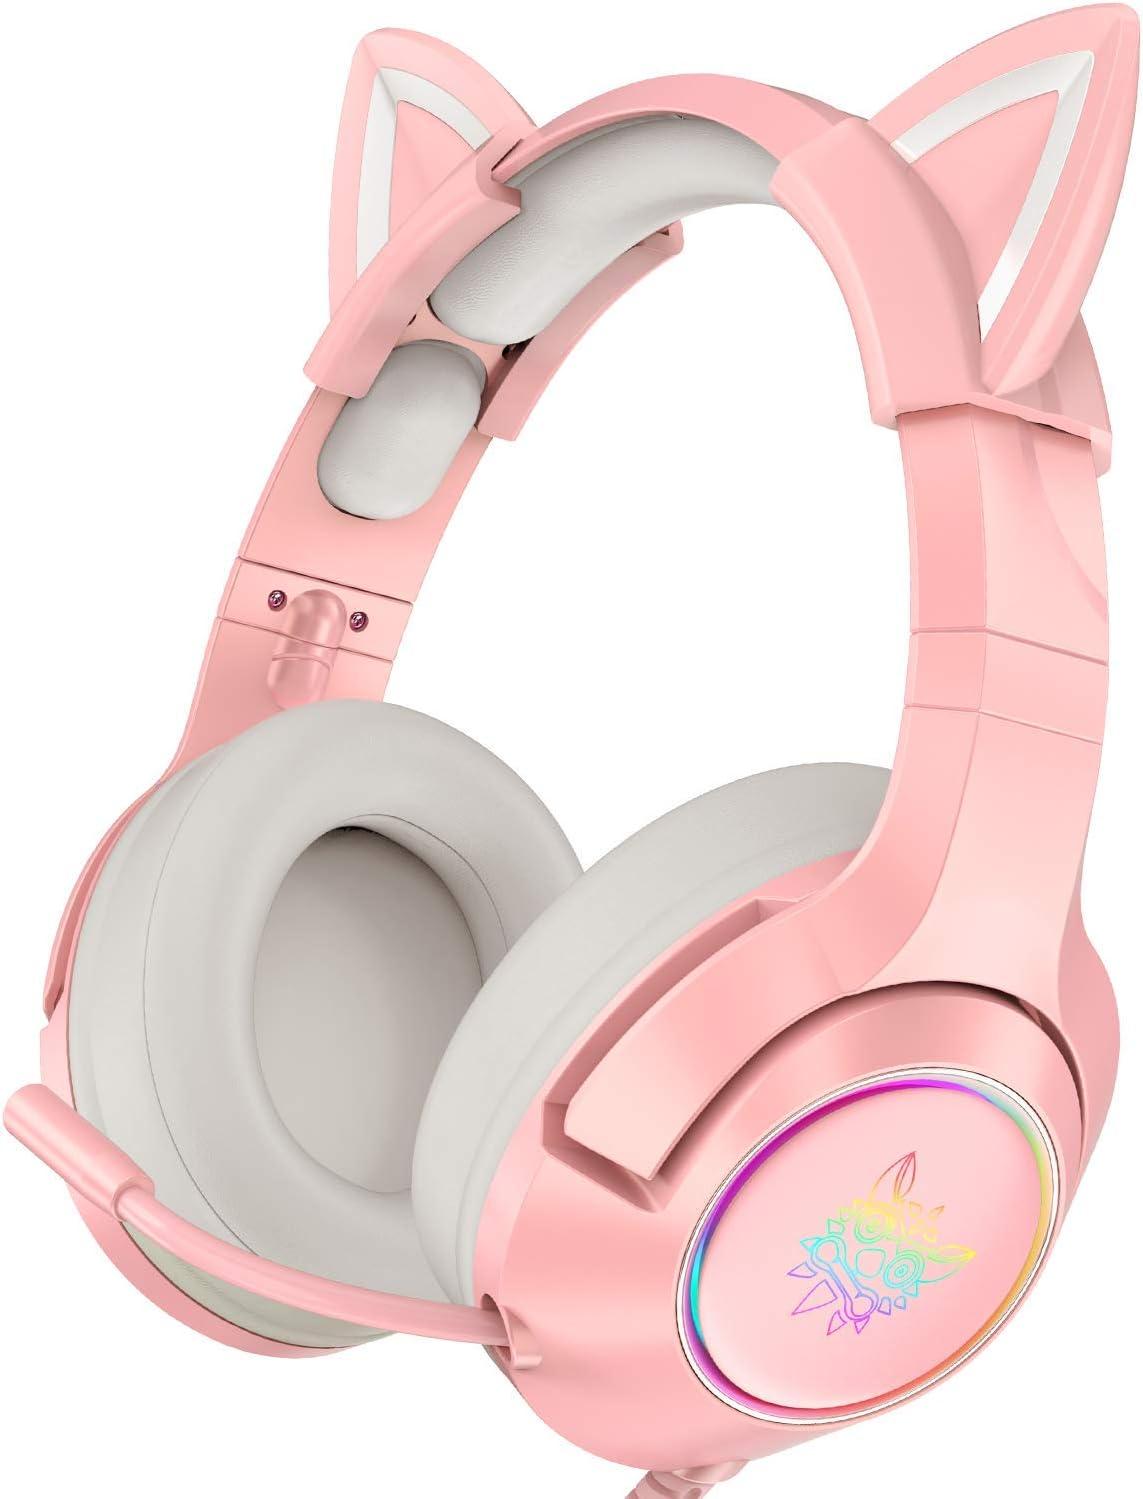 Auriculares para juegos de color rosa con orejas de gato desmontables, adecuados para PS5, PS4, Xbox One (sin adaptador), Nintendo Switch, PC, sonido envolvente, luz LED y micrófono